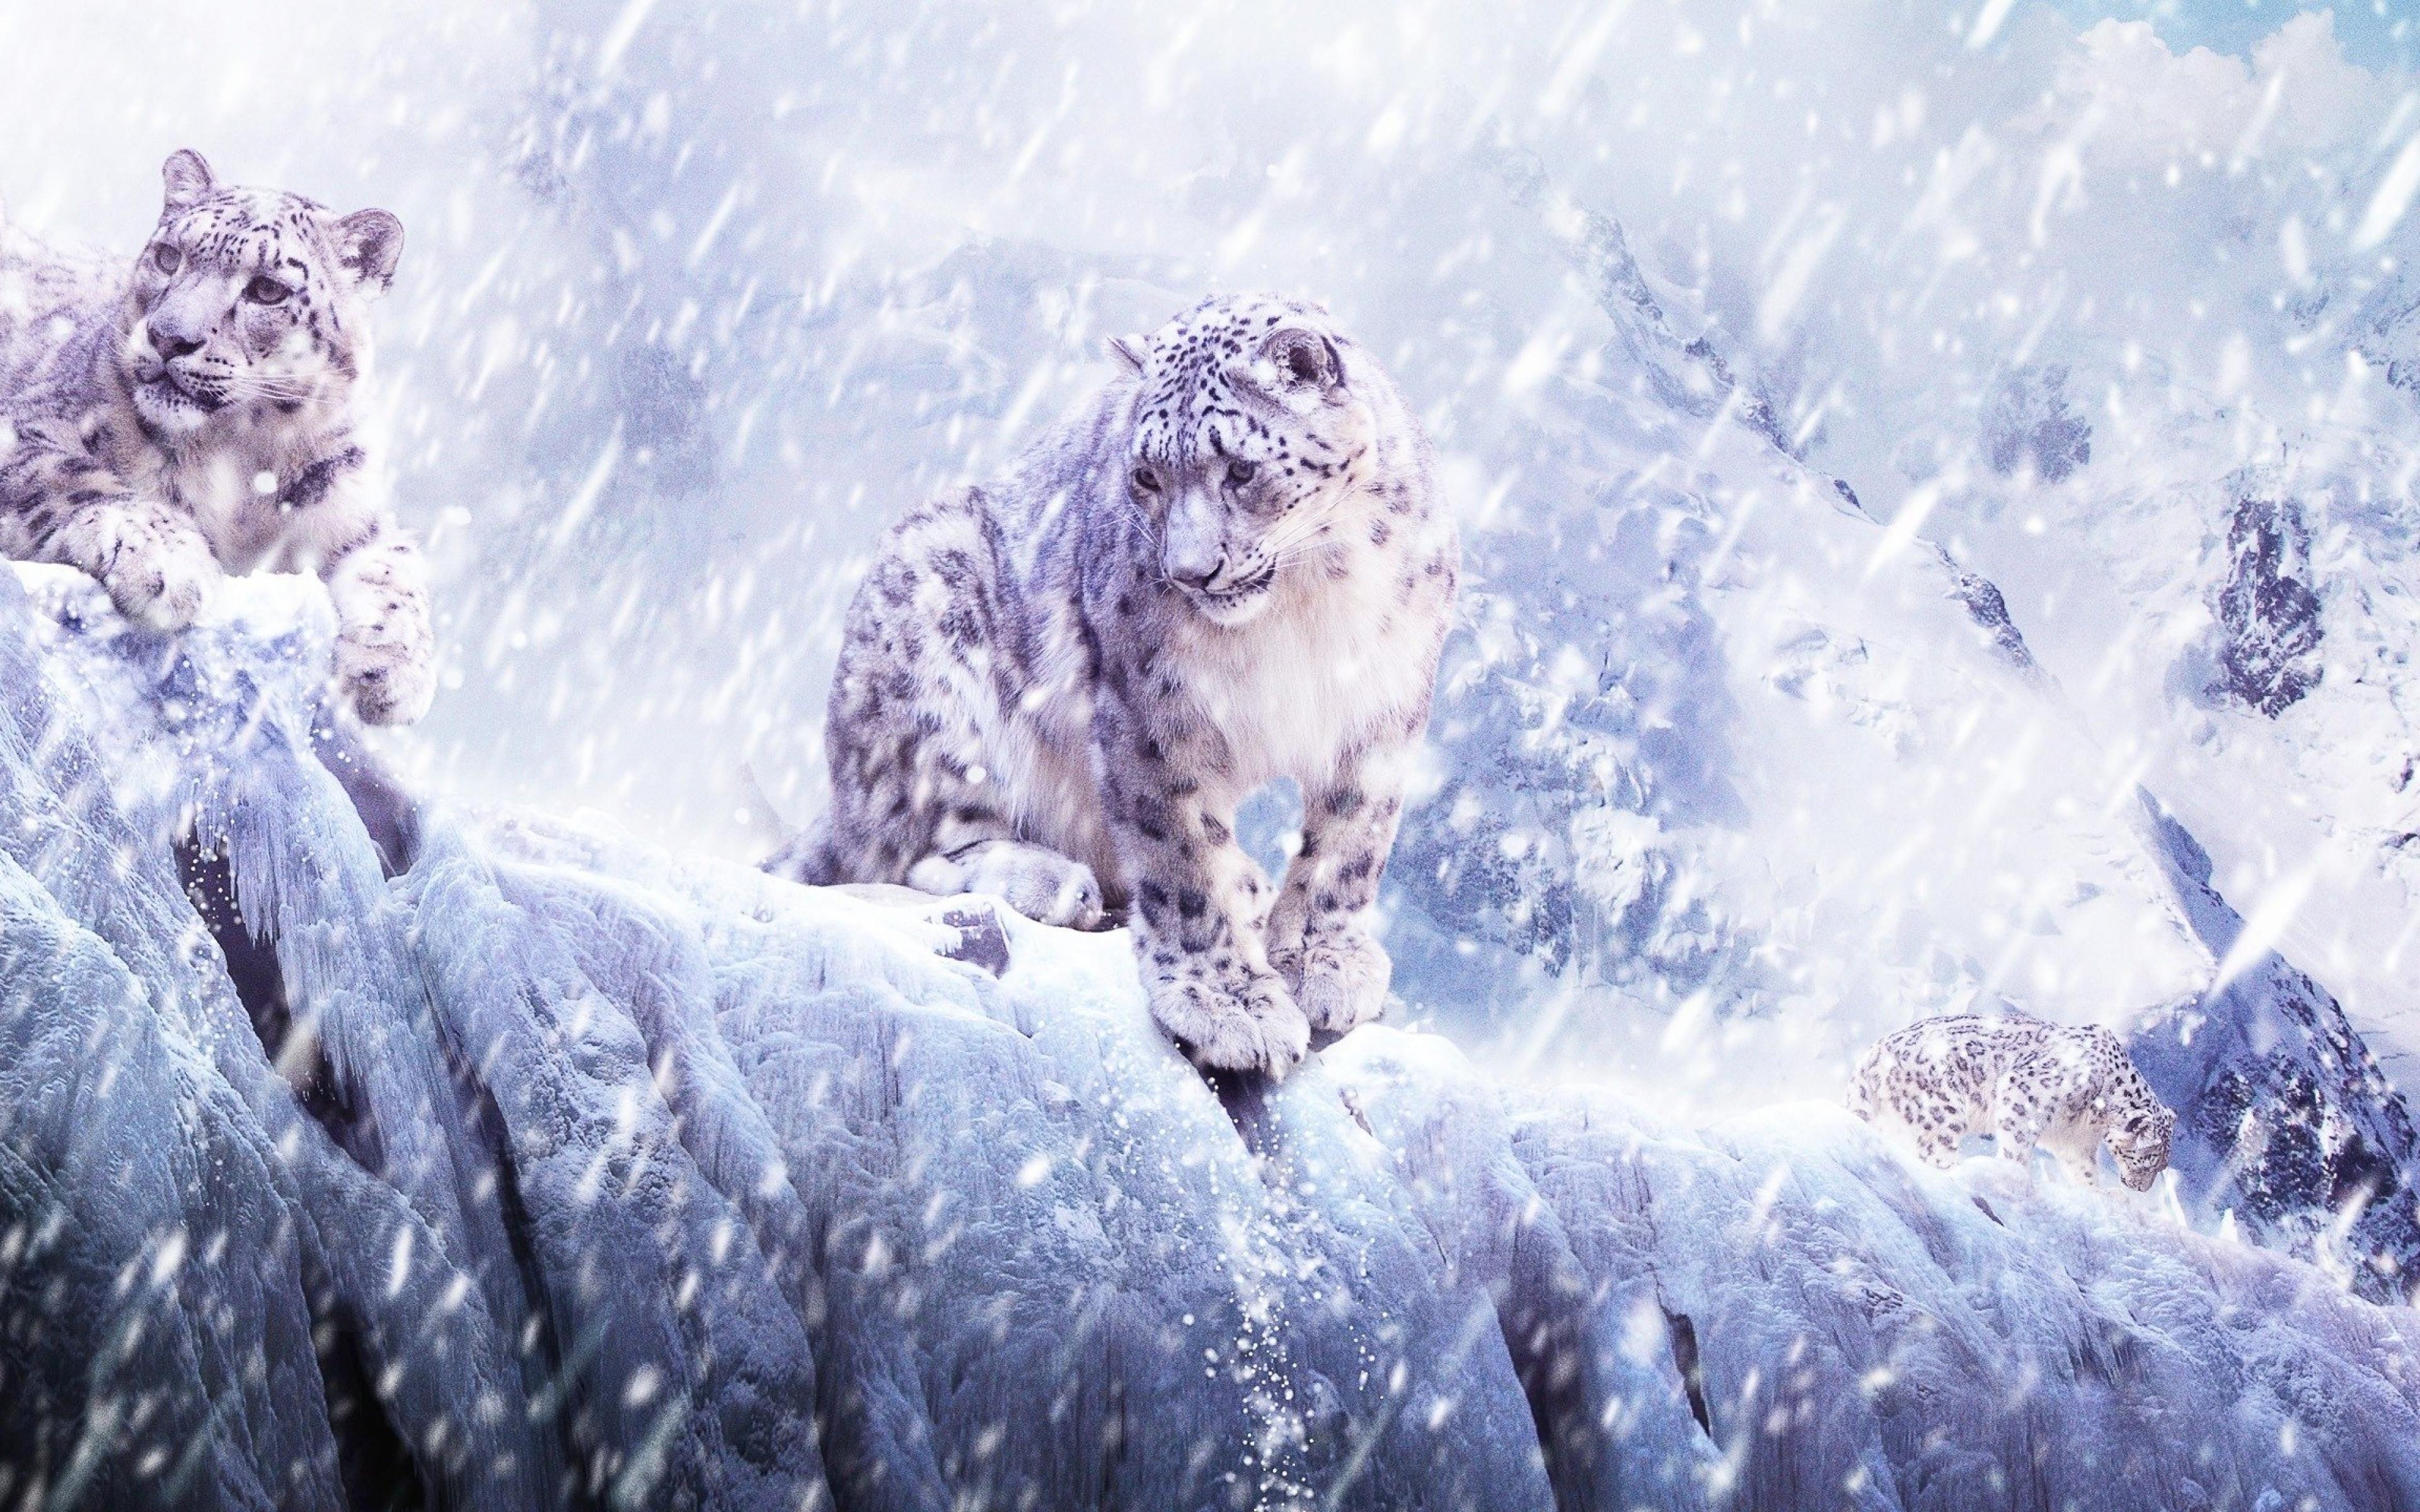 Leopard Snow Blizzard Breaking Wallpaper Background Ultra HD 4K 3840x2400